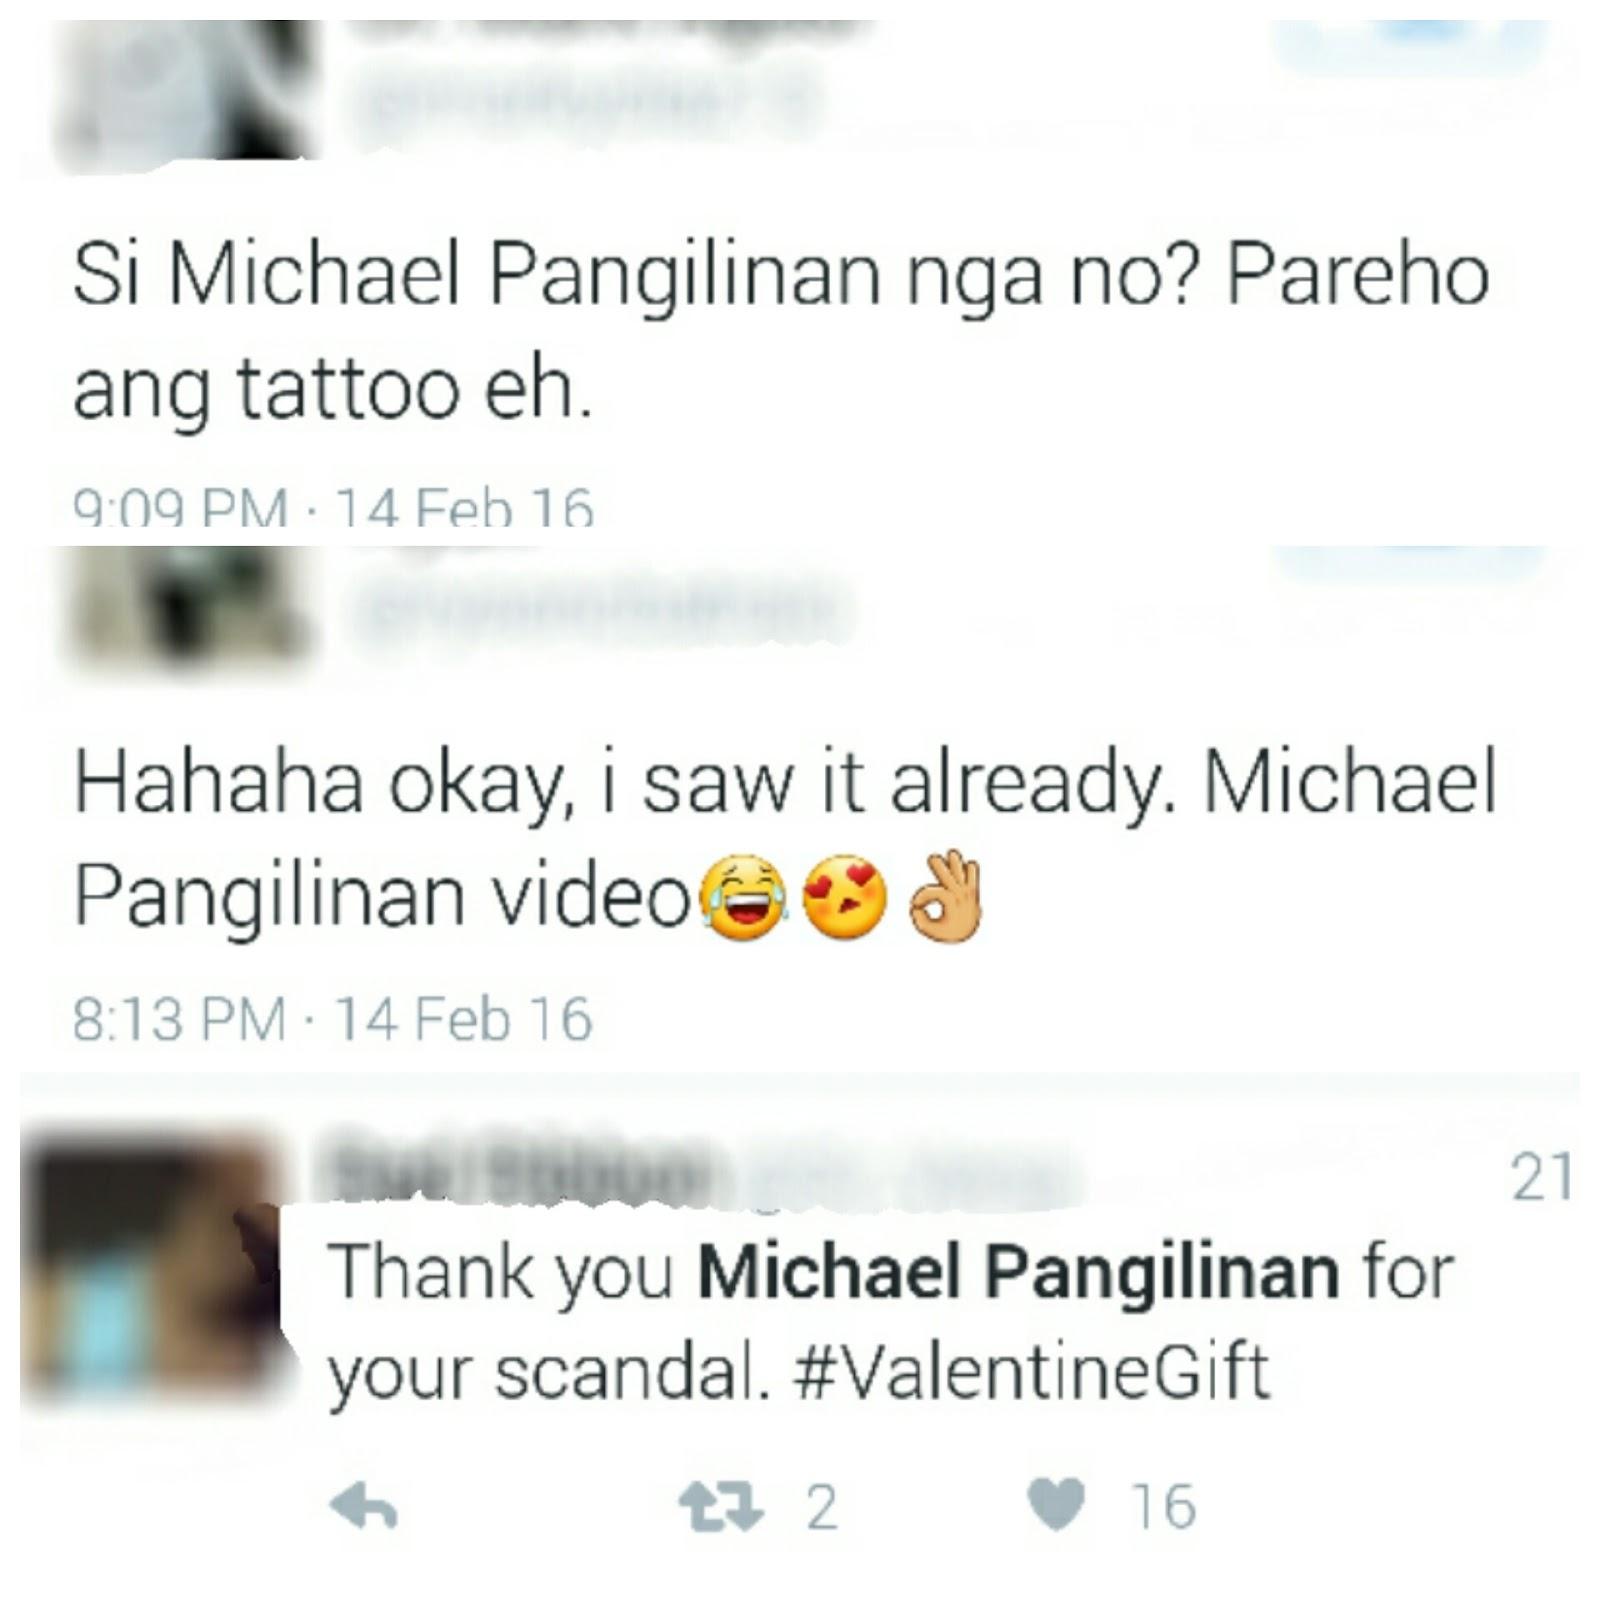 Michael Pangilinan scandal